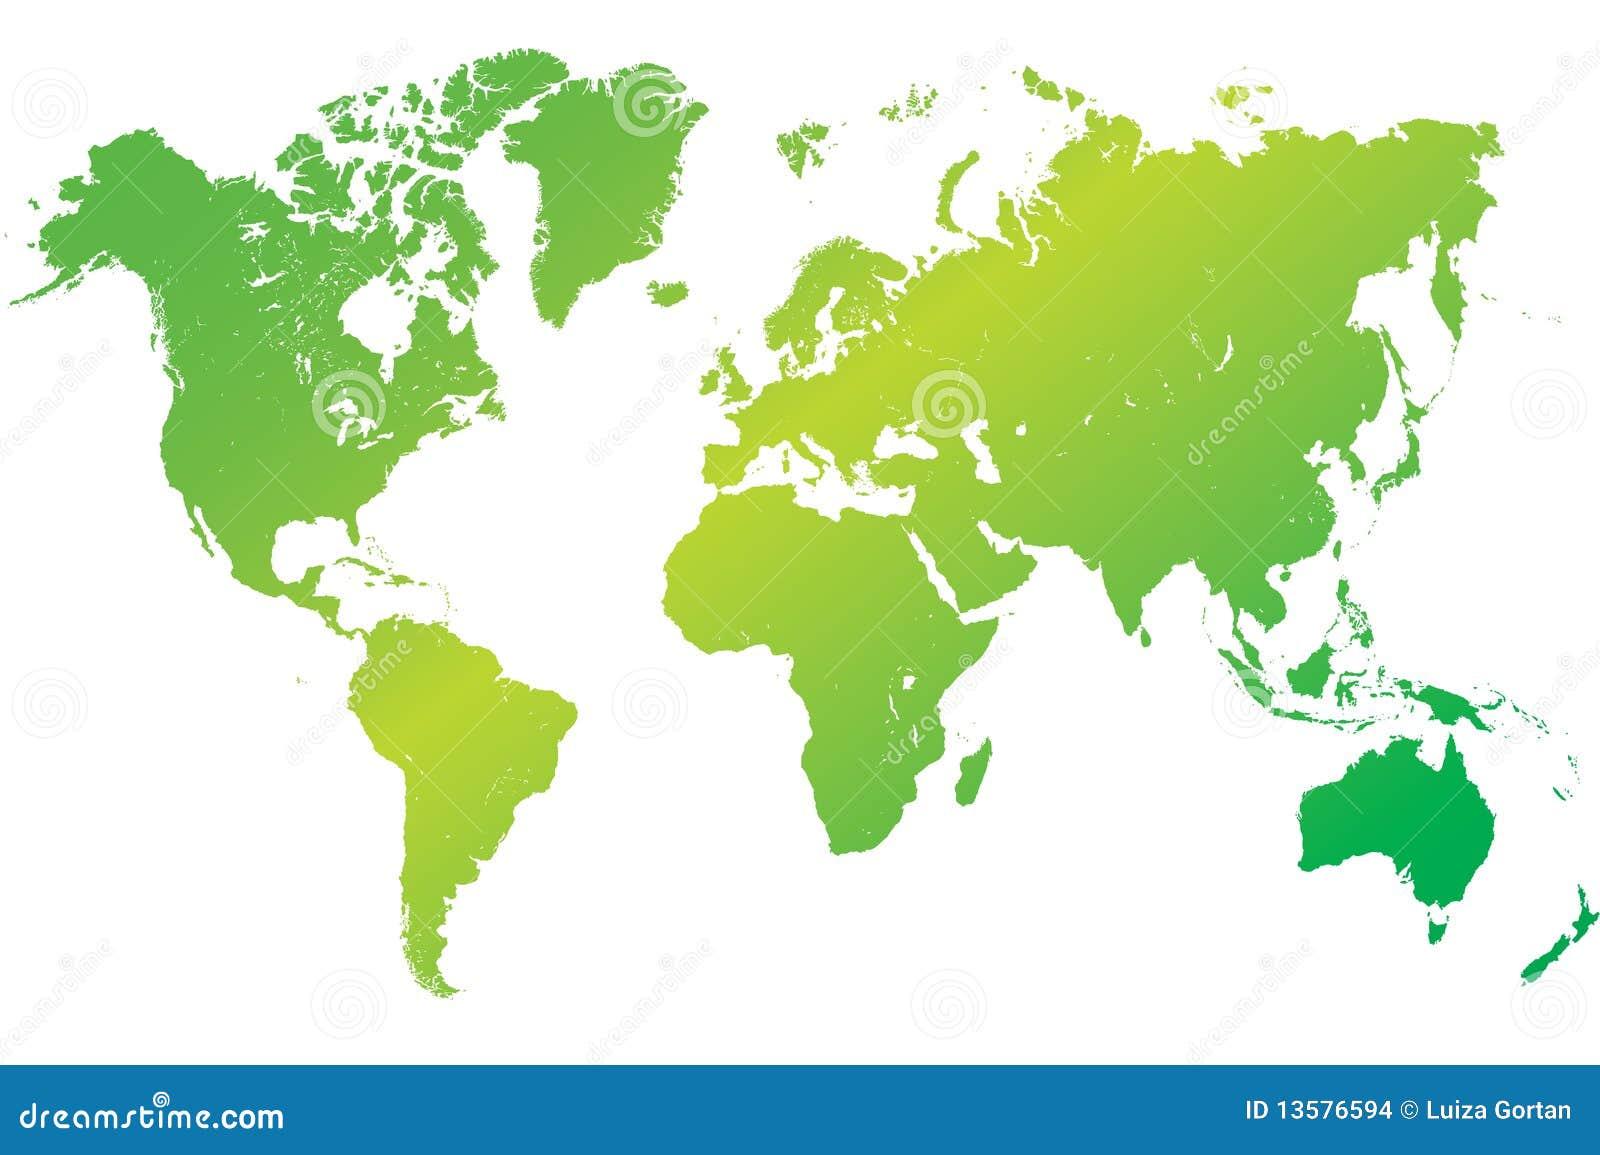 Carte Australie Canada.Vecteur Vert Fortement Detaille De Carte Du Monde